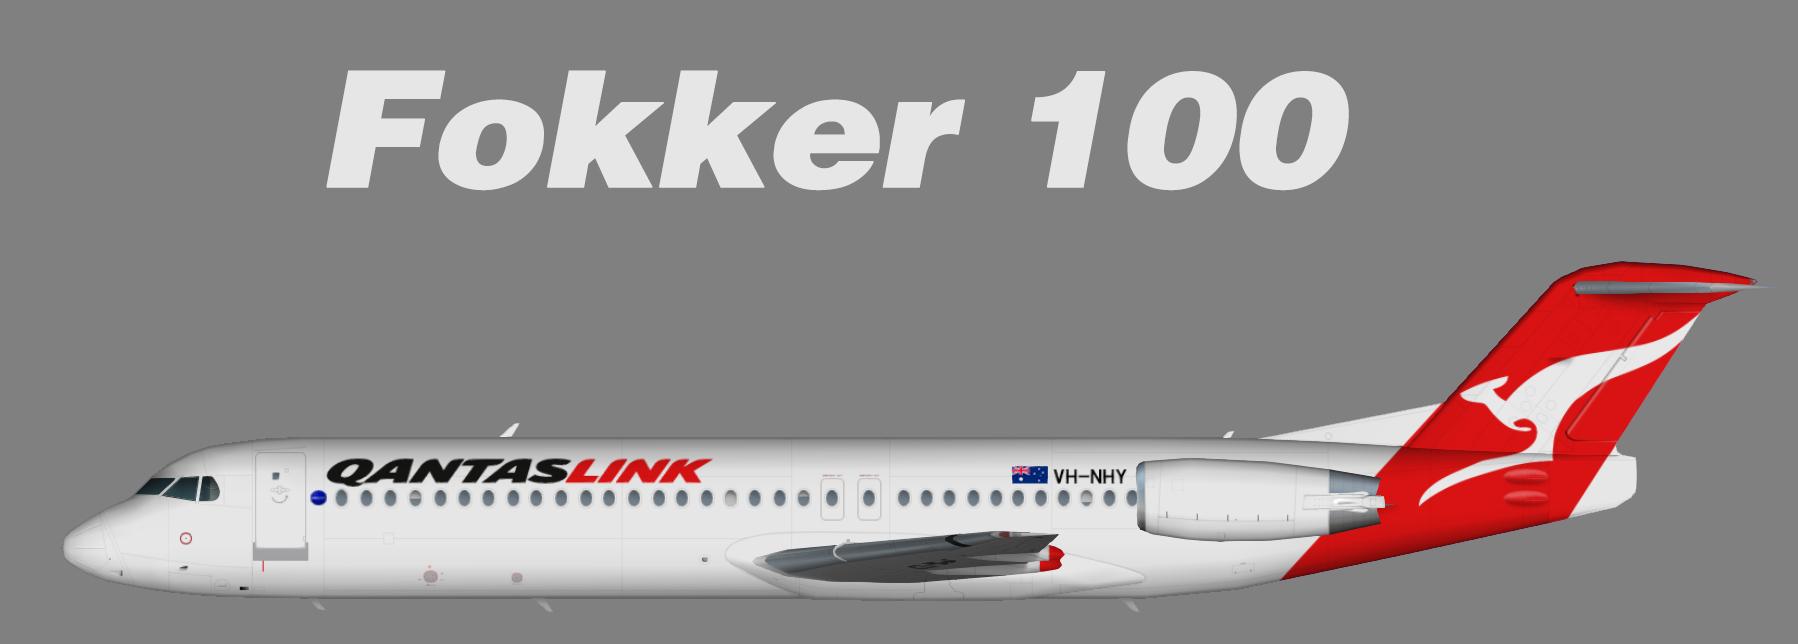 Qantaslink Fokker F-100